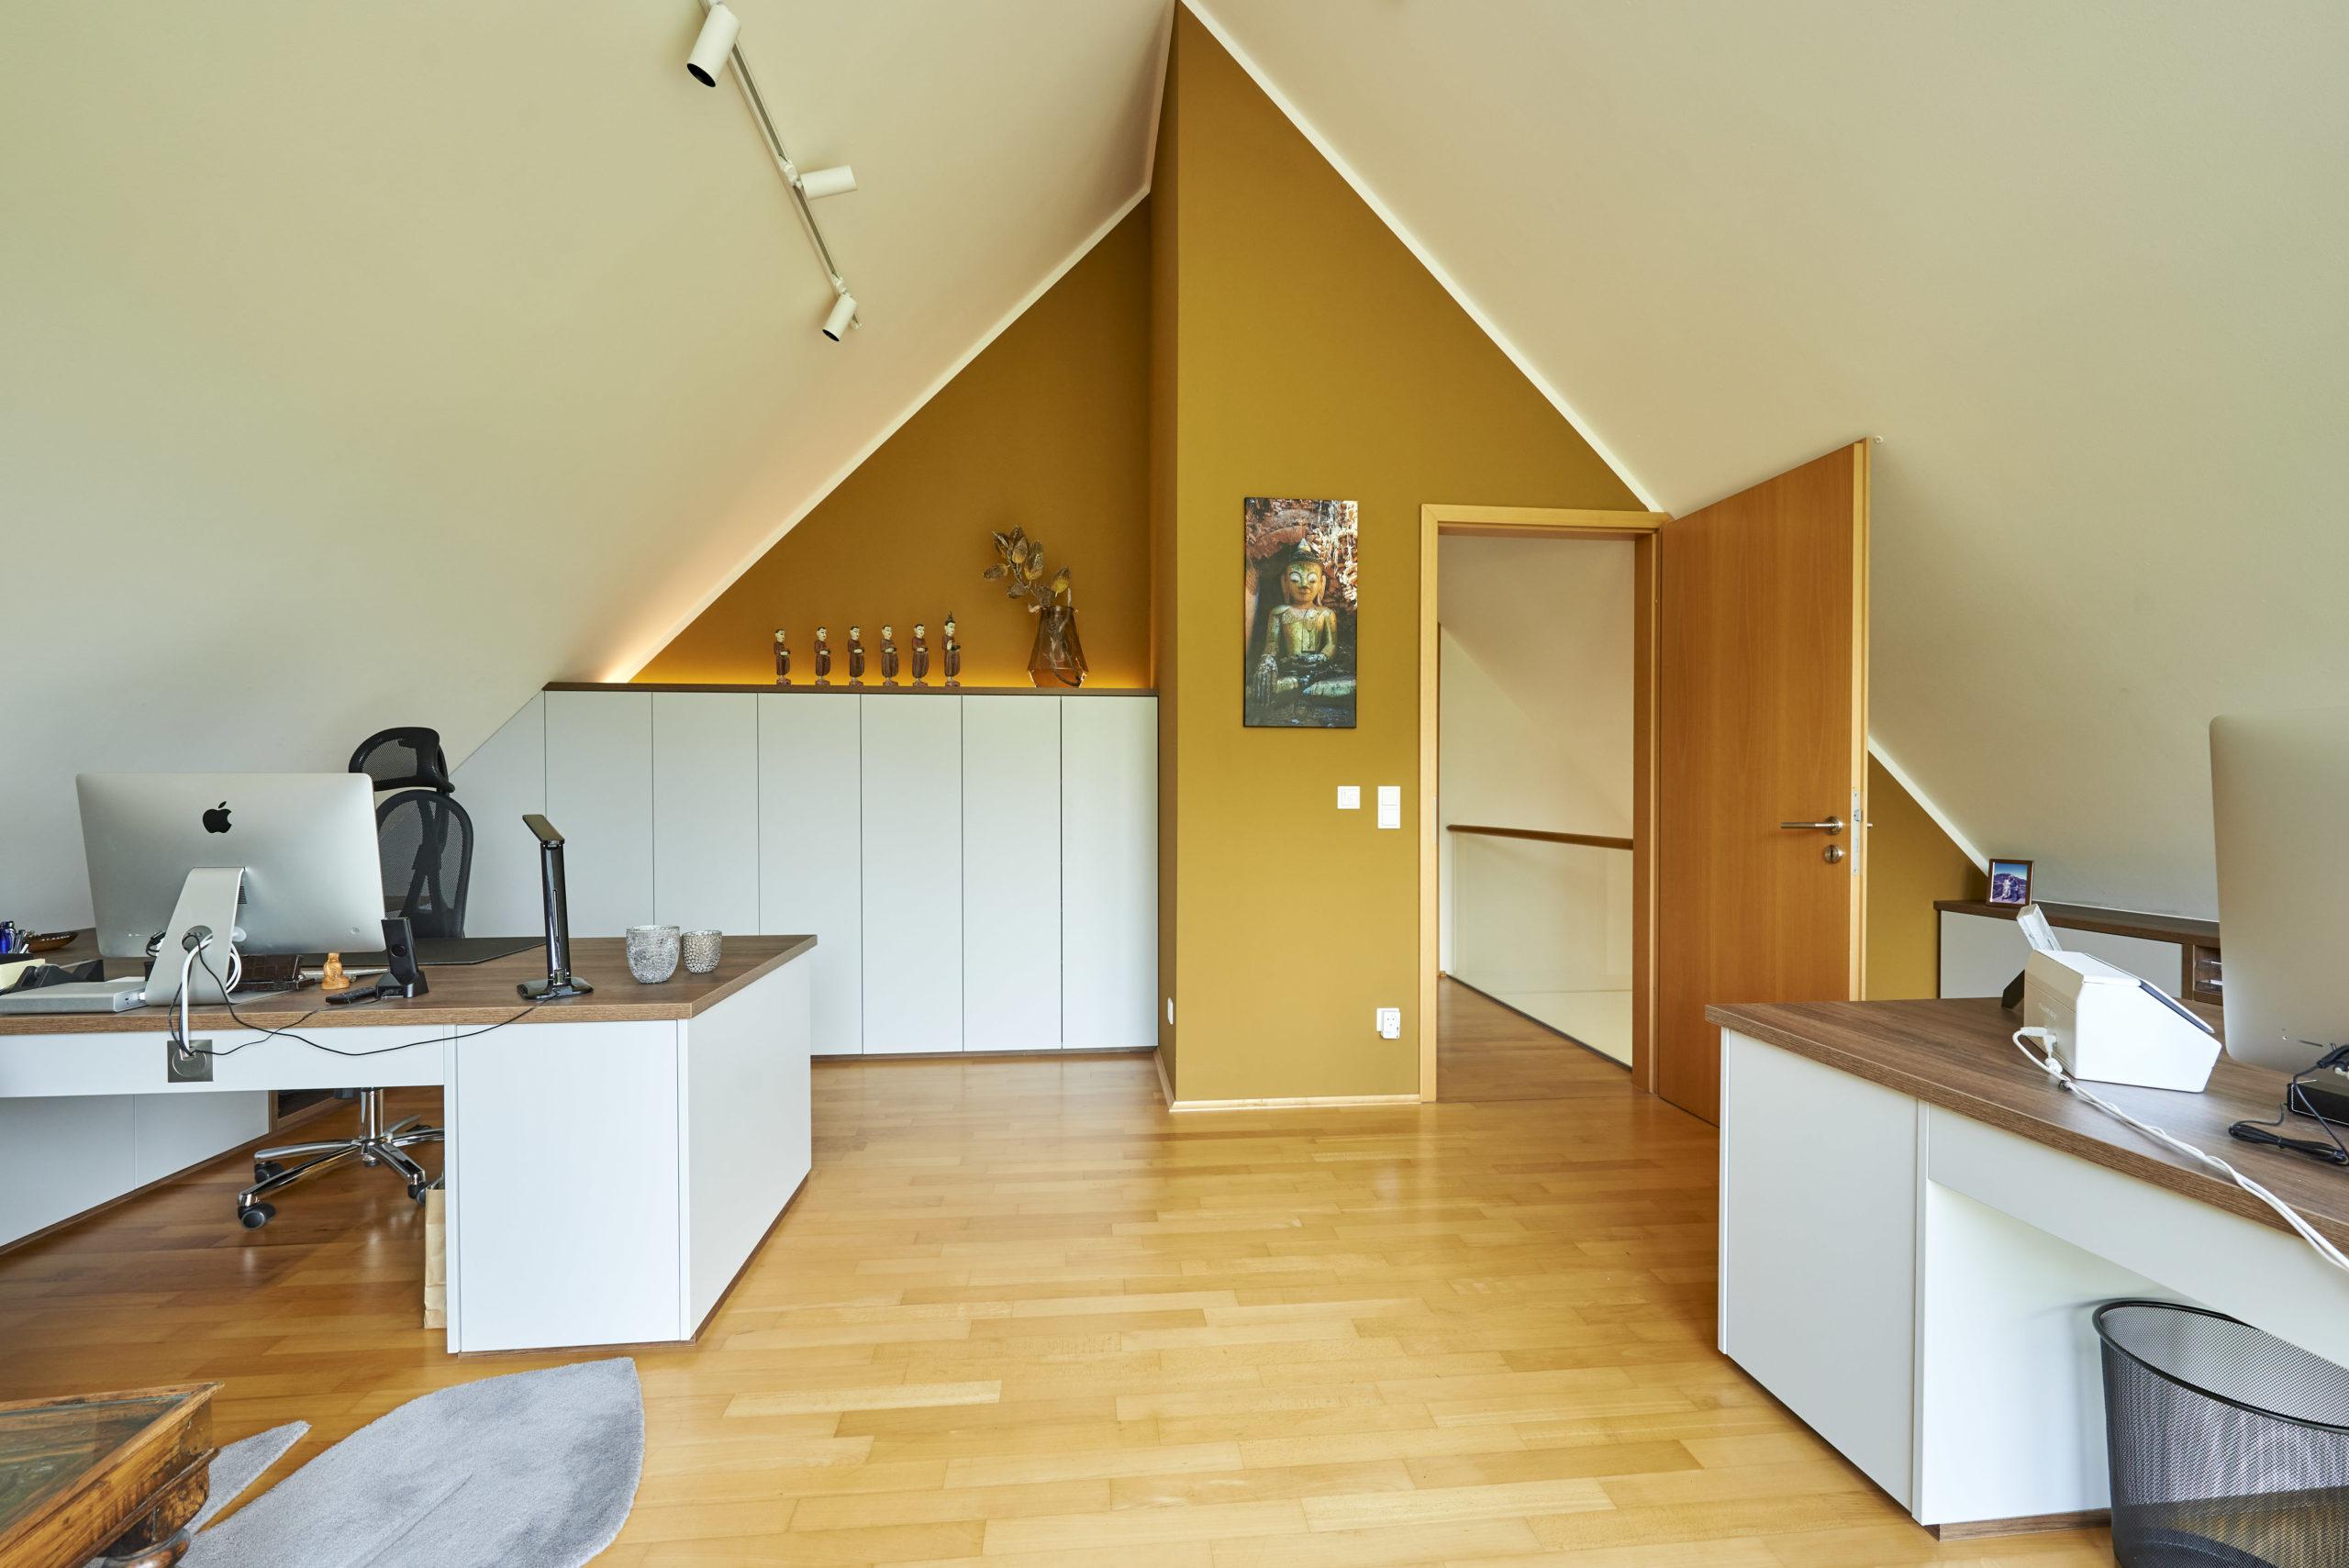 www.ideenraumgeben.de-umgestaltung-eines-grossen-home-office-mit-toller-aussicht-df4512c9-13fb-4c4a-bf9f-f31fb34067a8-scaled